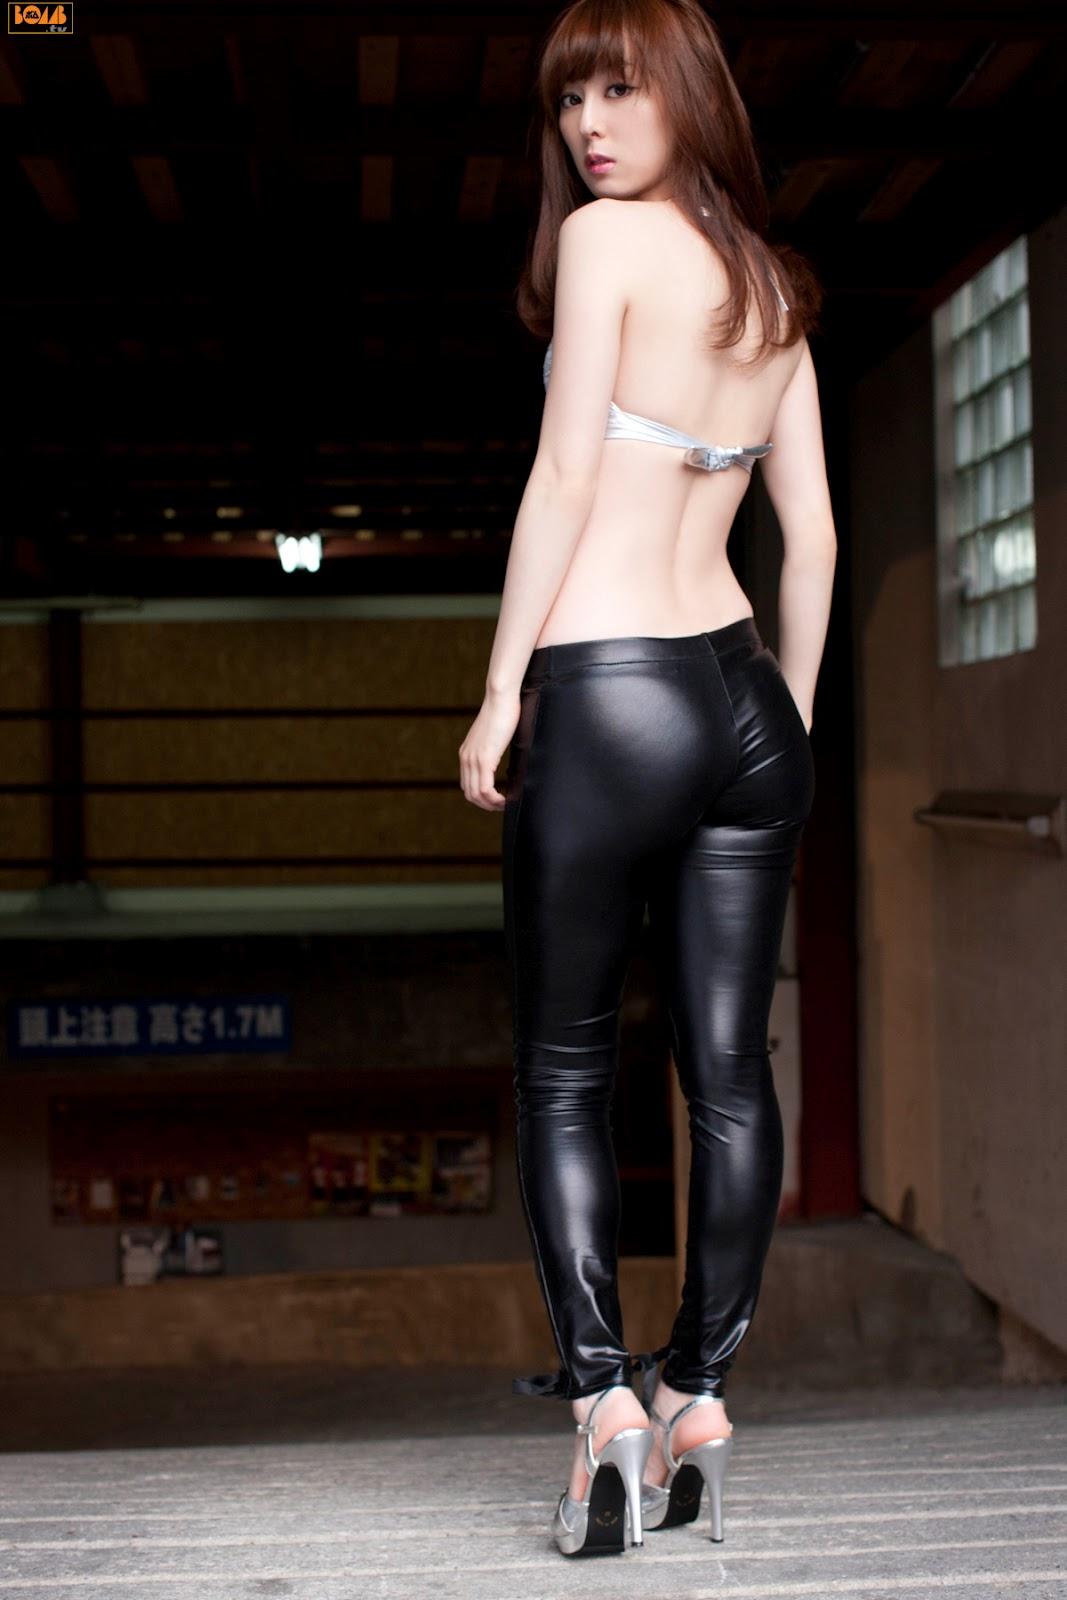 starr-faye-japan-leather-pants